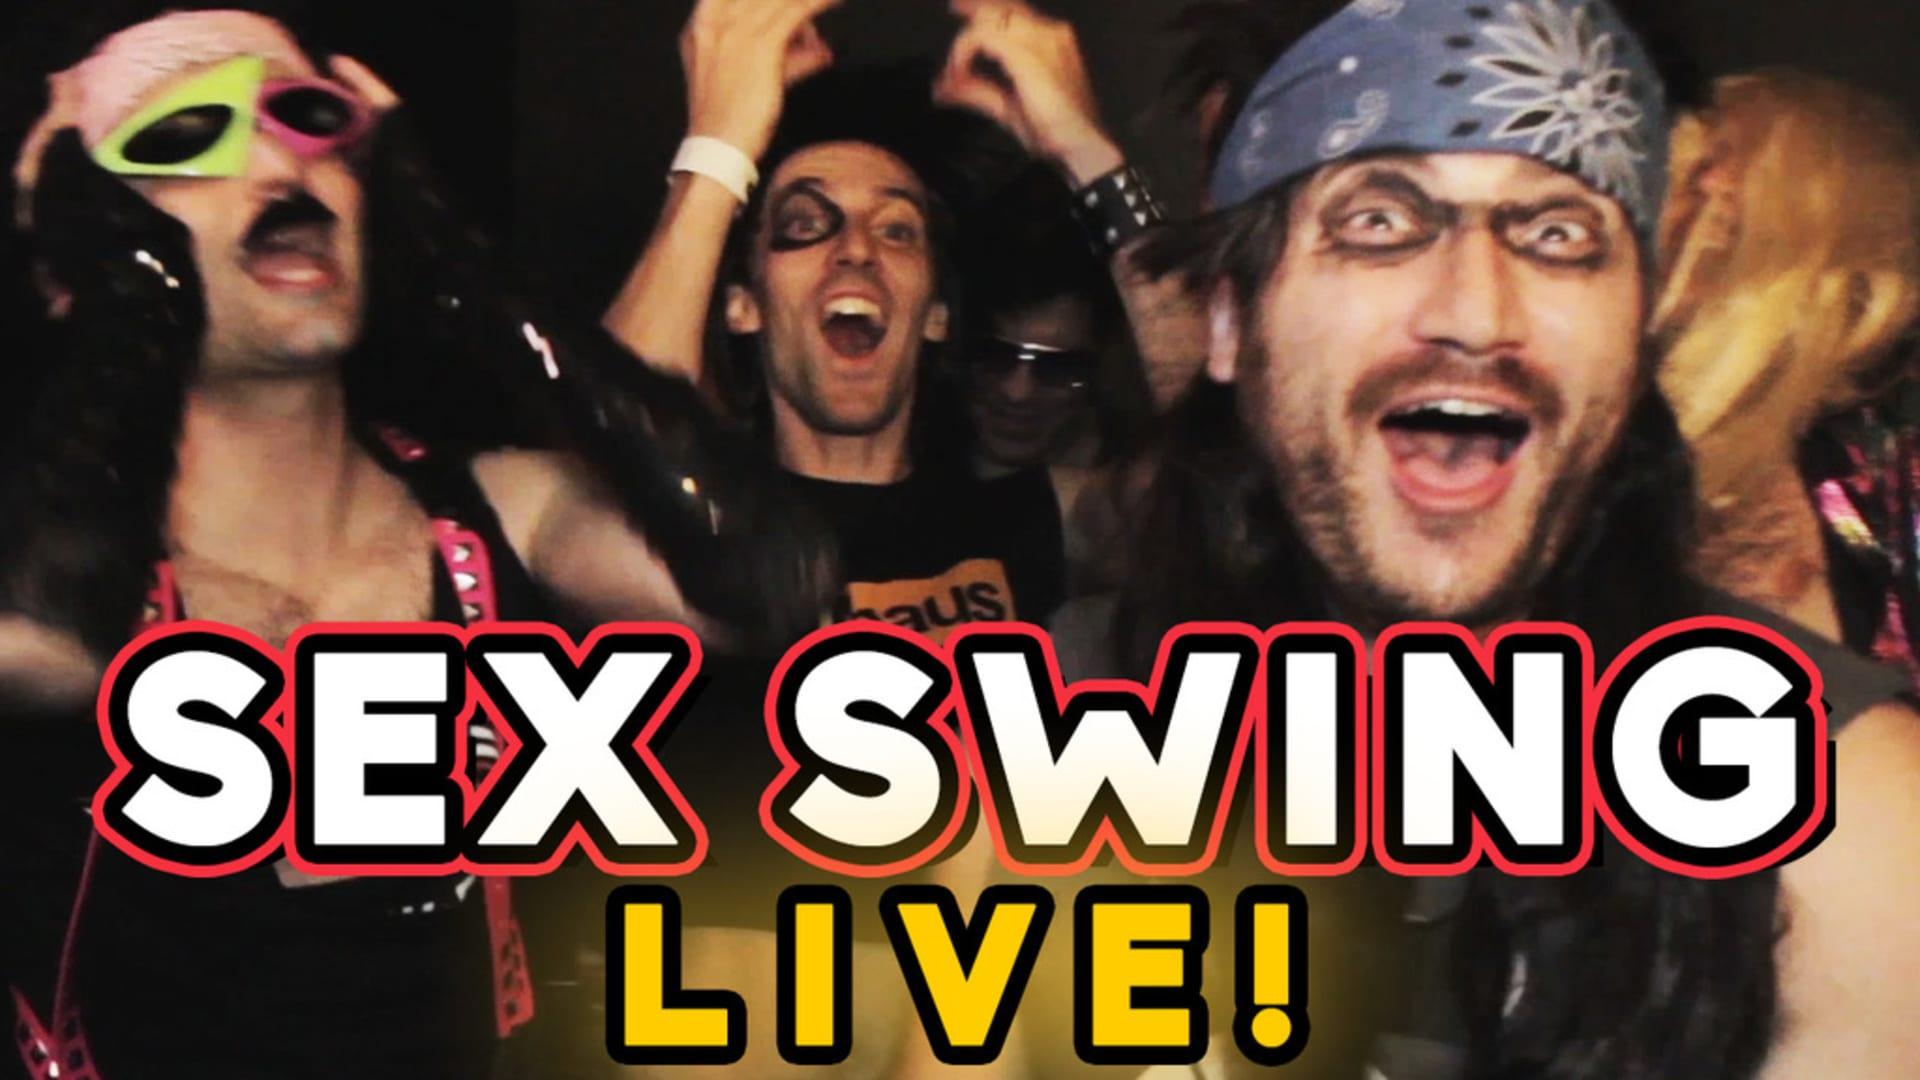 Sex swing swing